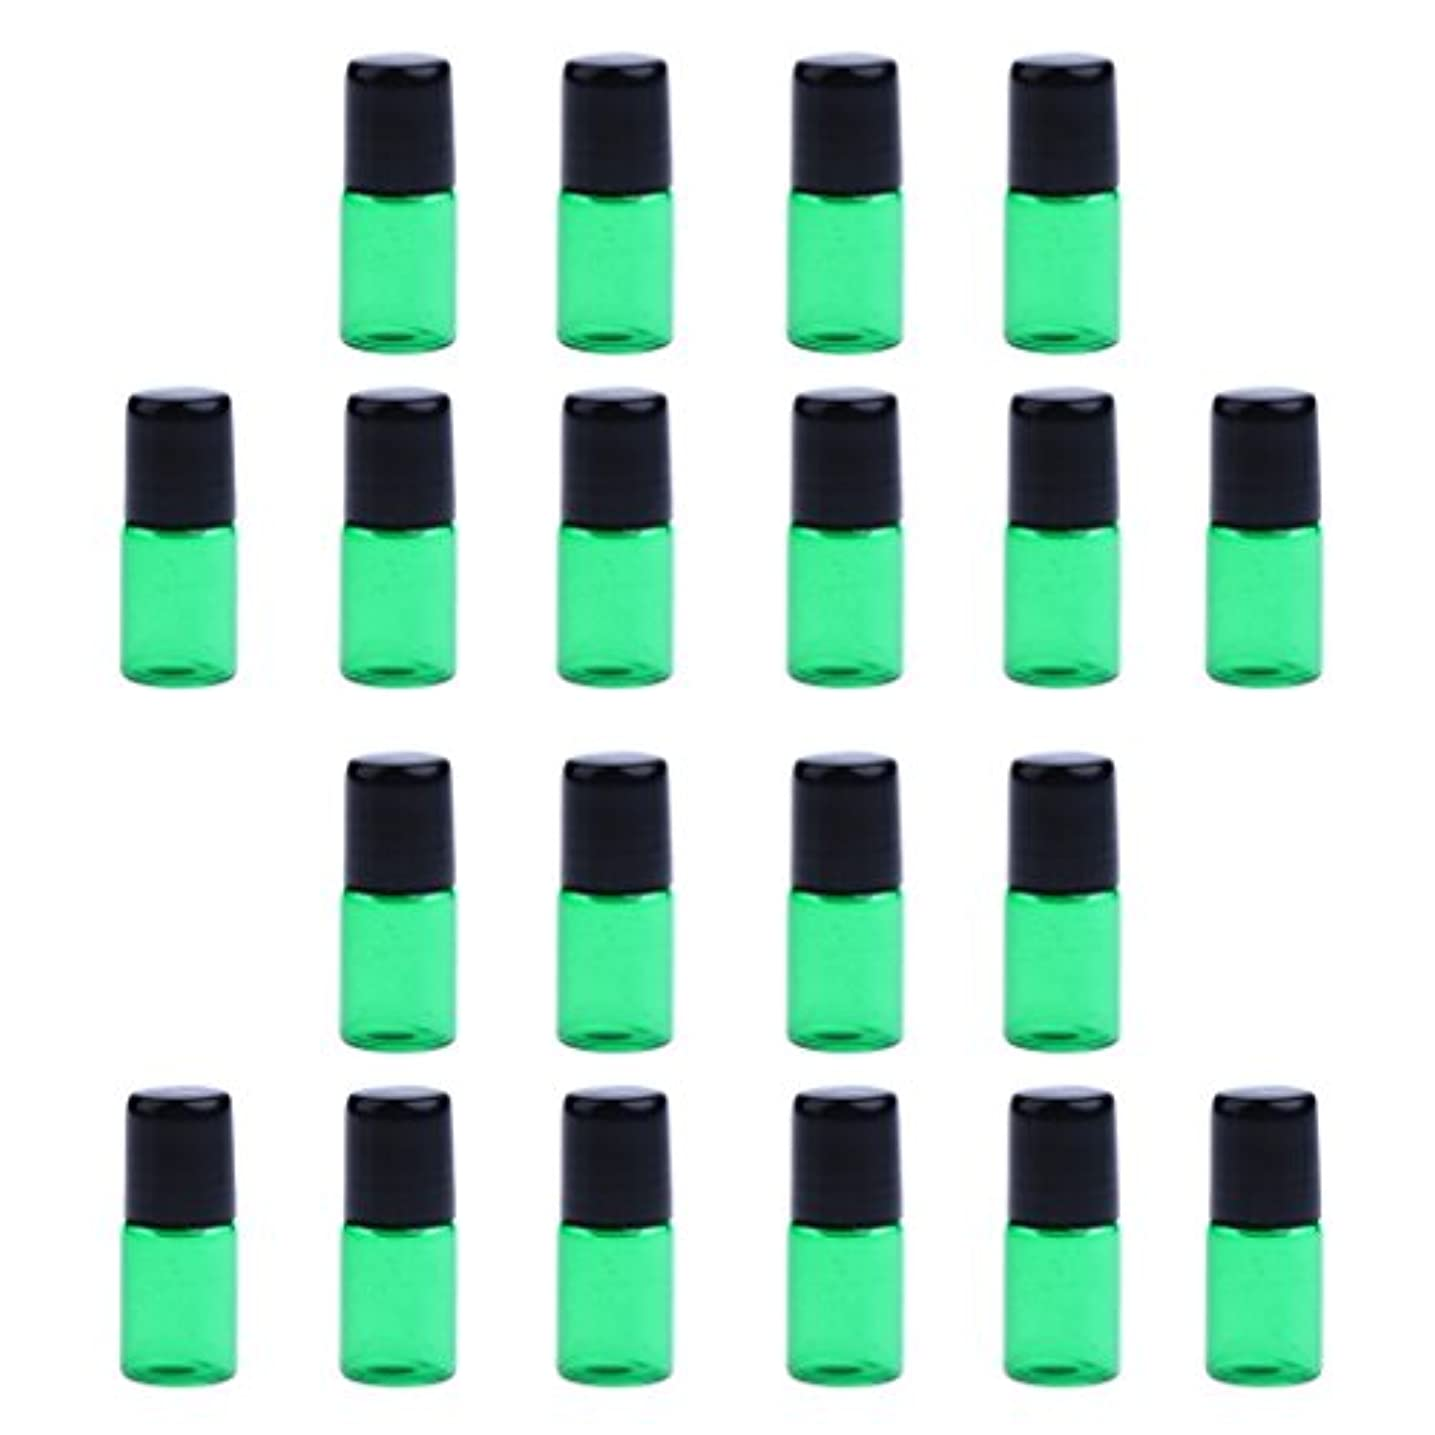 雄弁誕生トースト約20個 ガラスボトル 詰替え オイル 香水 ミニサイズ 旅行小物 出差 全4色3サイズ選べる - 緑, 1ML